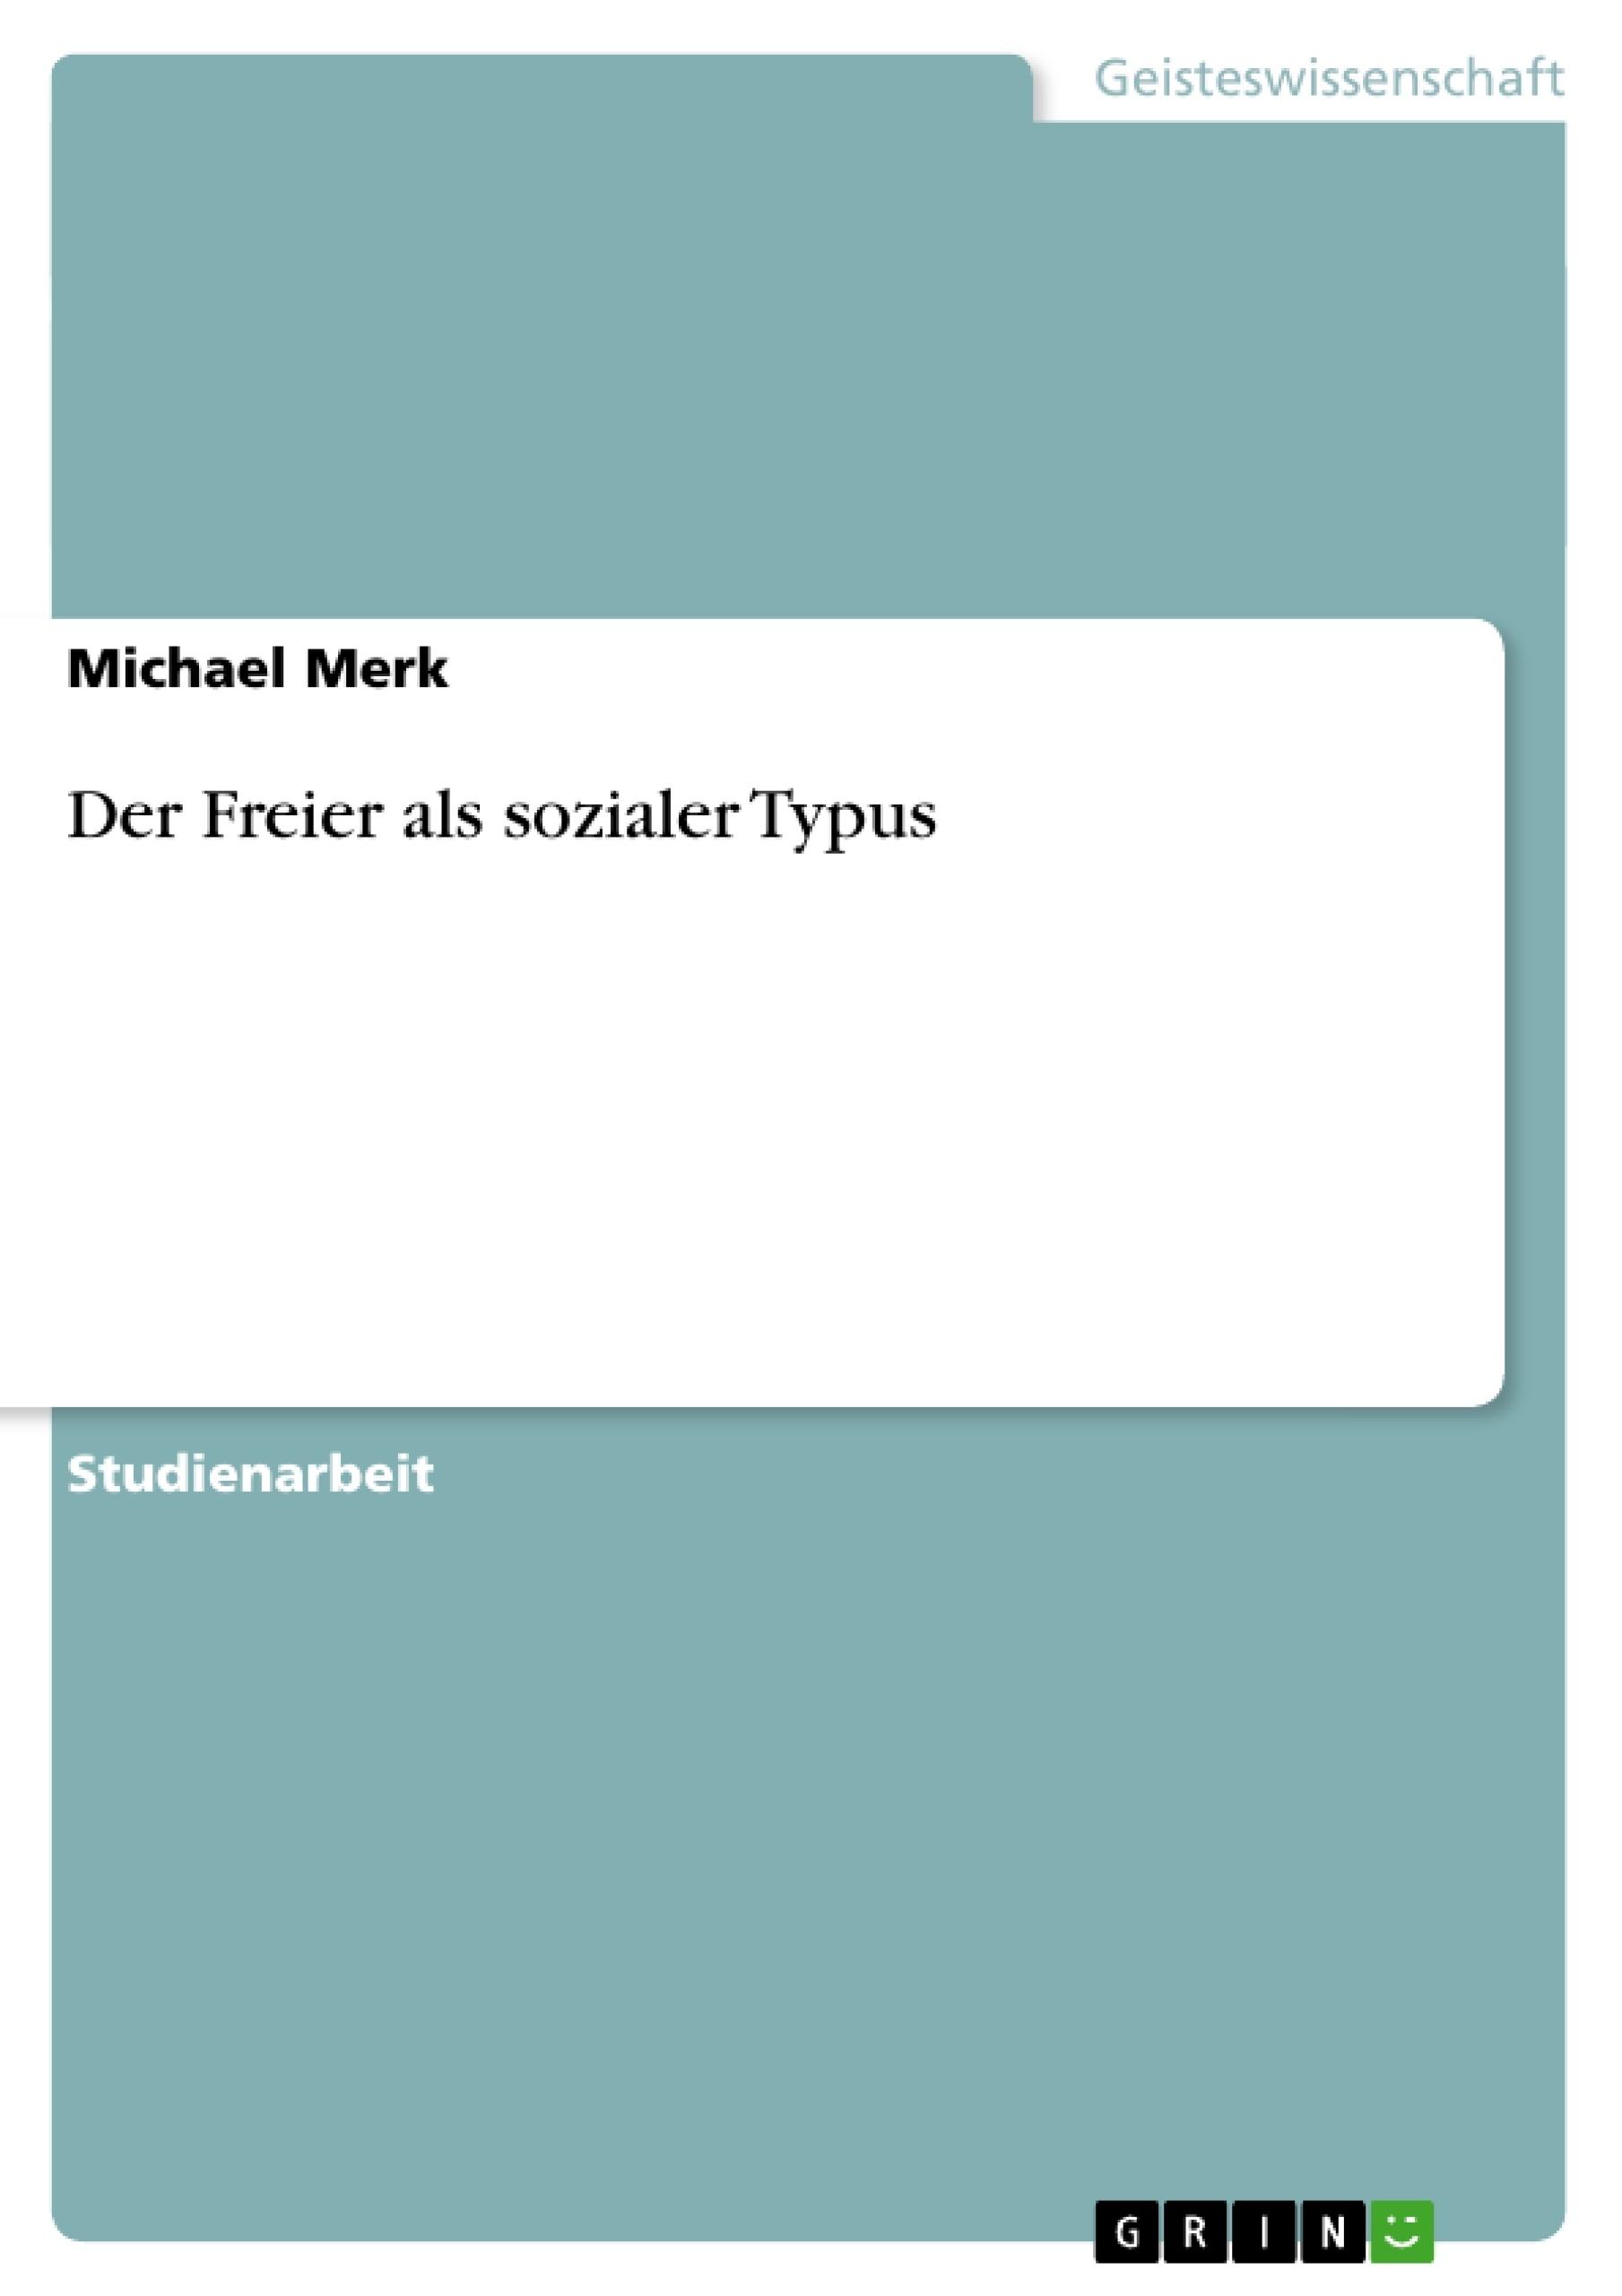 Titel: Der Freier als sozialer Typus